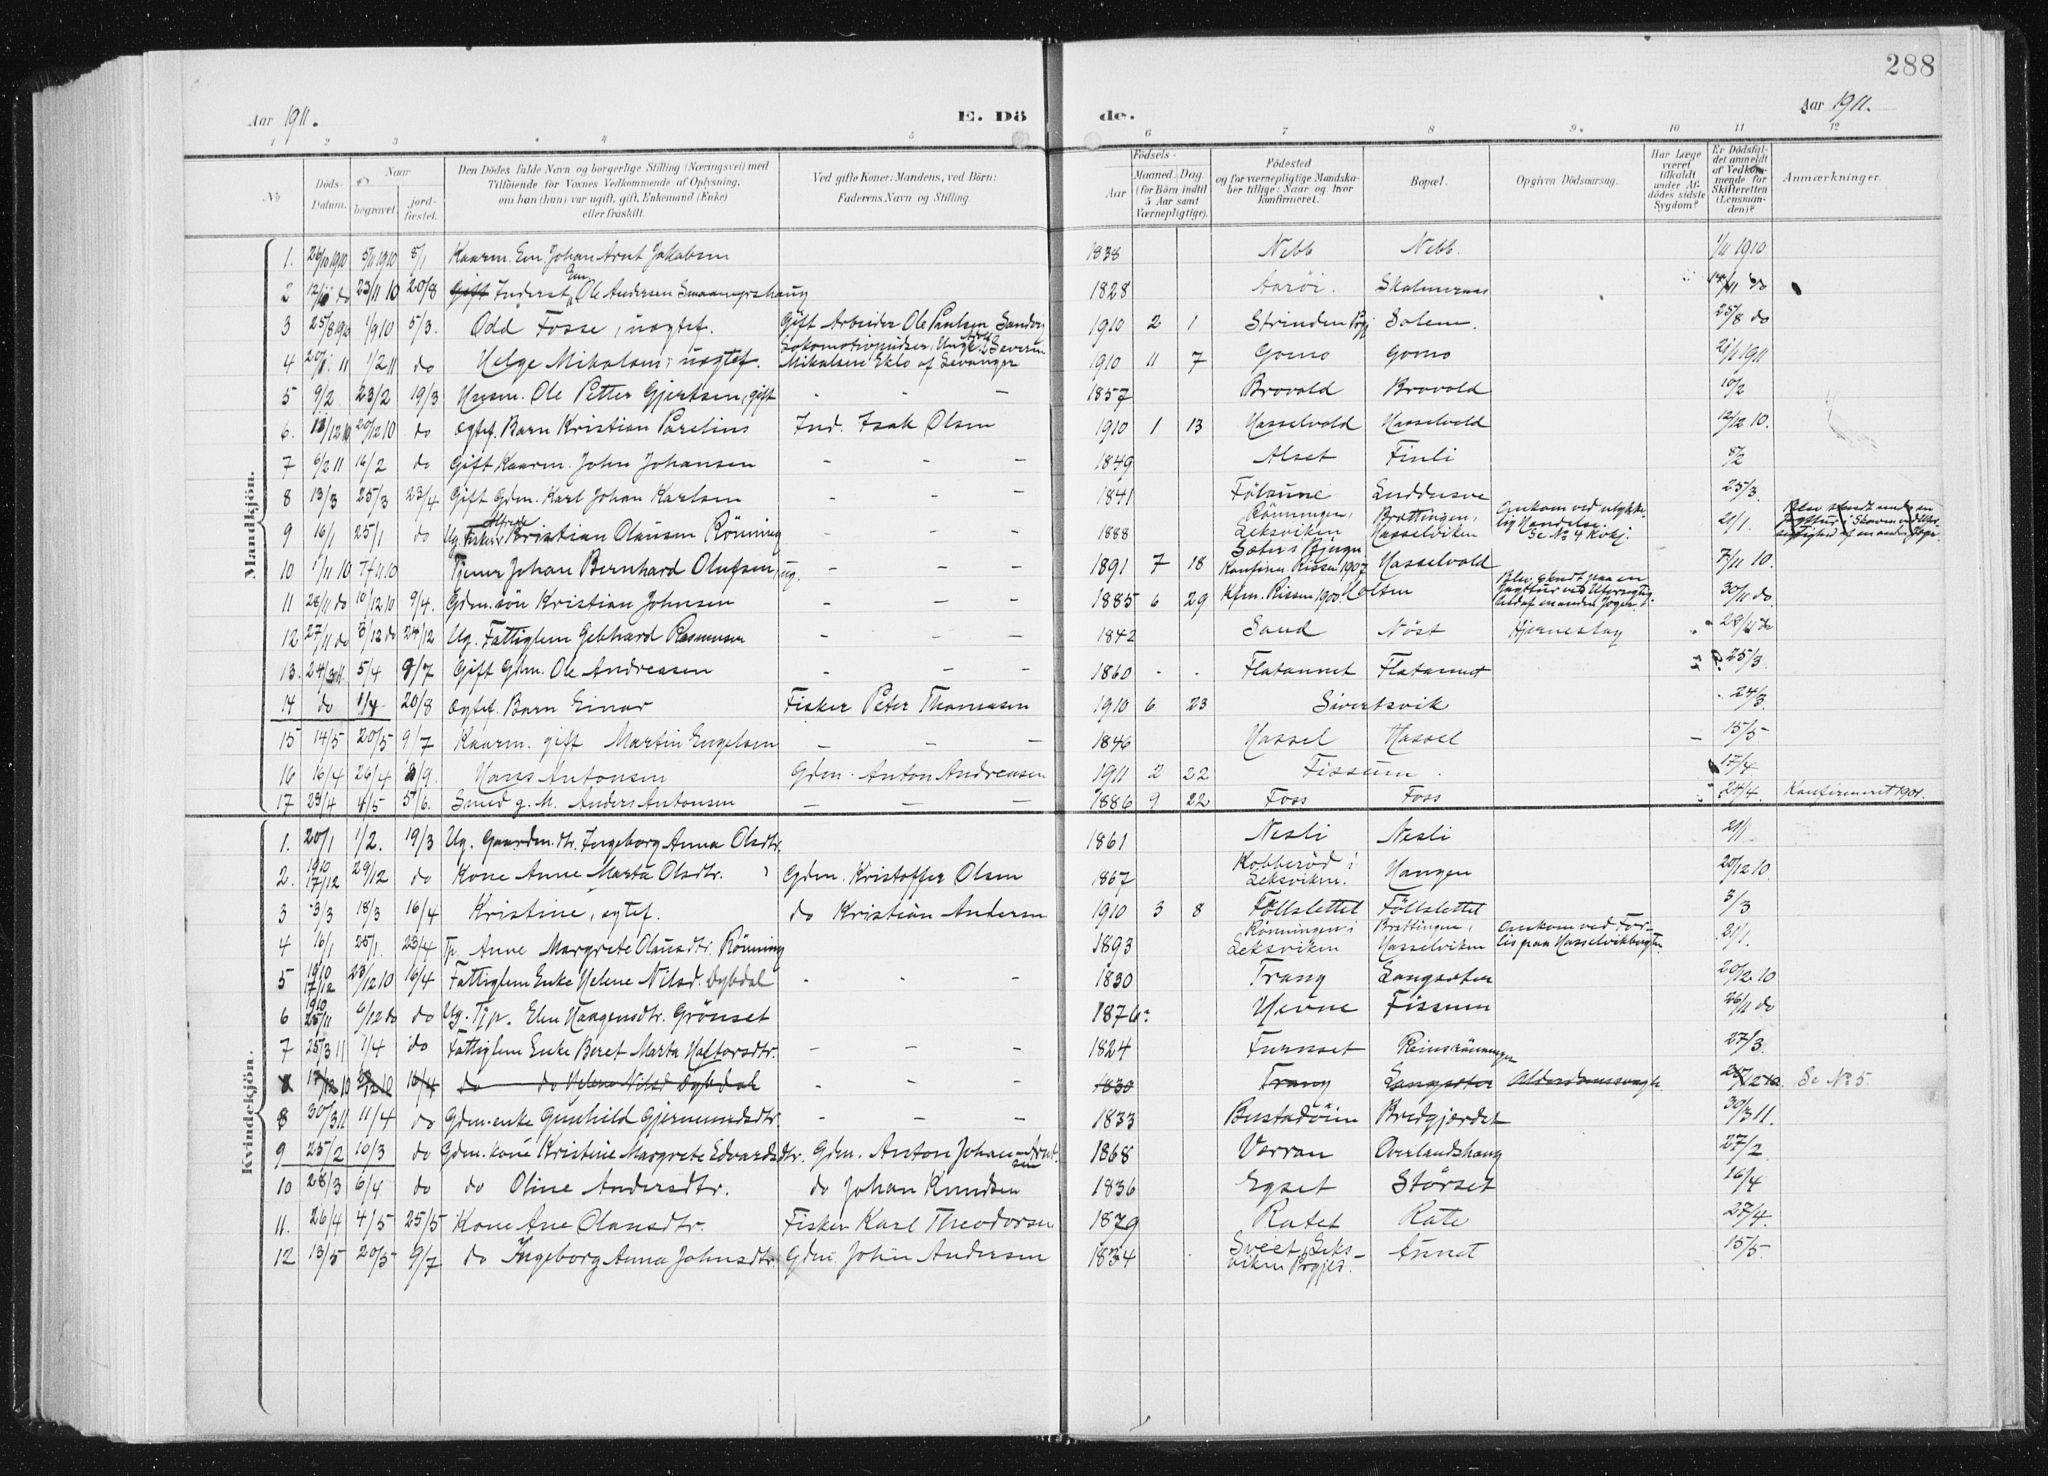 SAT, Ministerialprotokoller, klokkerbøker og fødselsregistre - Sør-Trøndelag, 647/L0635: Ministerialbok nr. 647A02, 1896-1911, s. 288